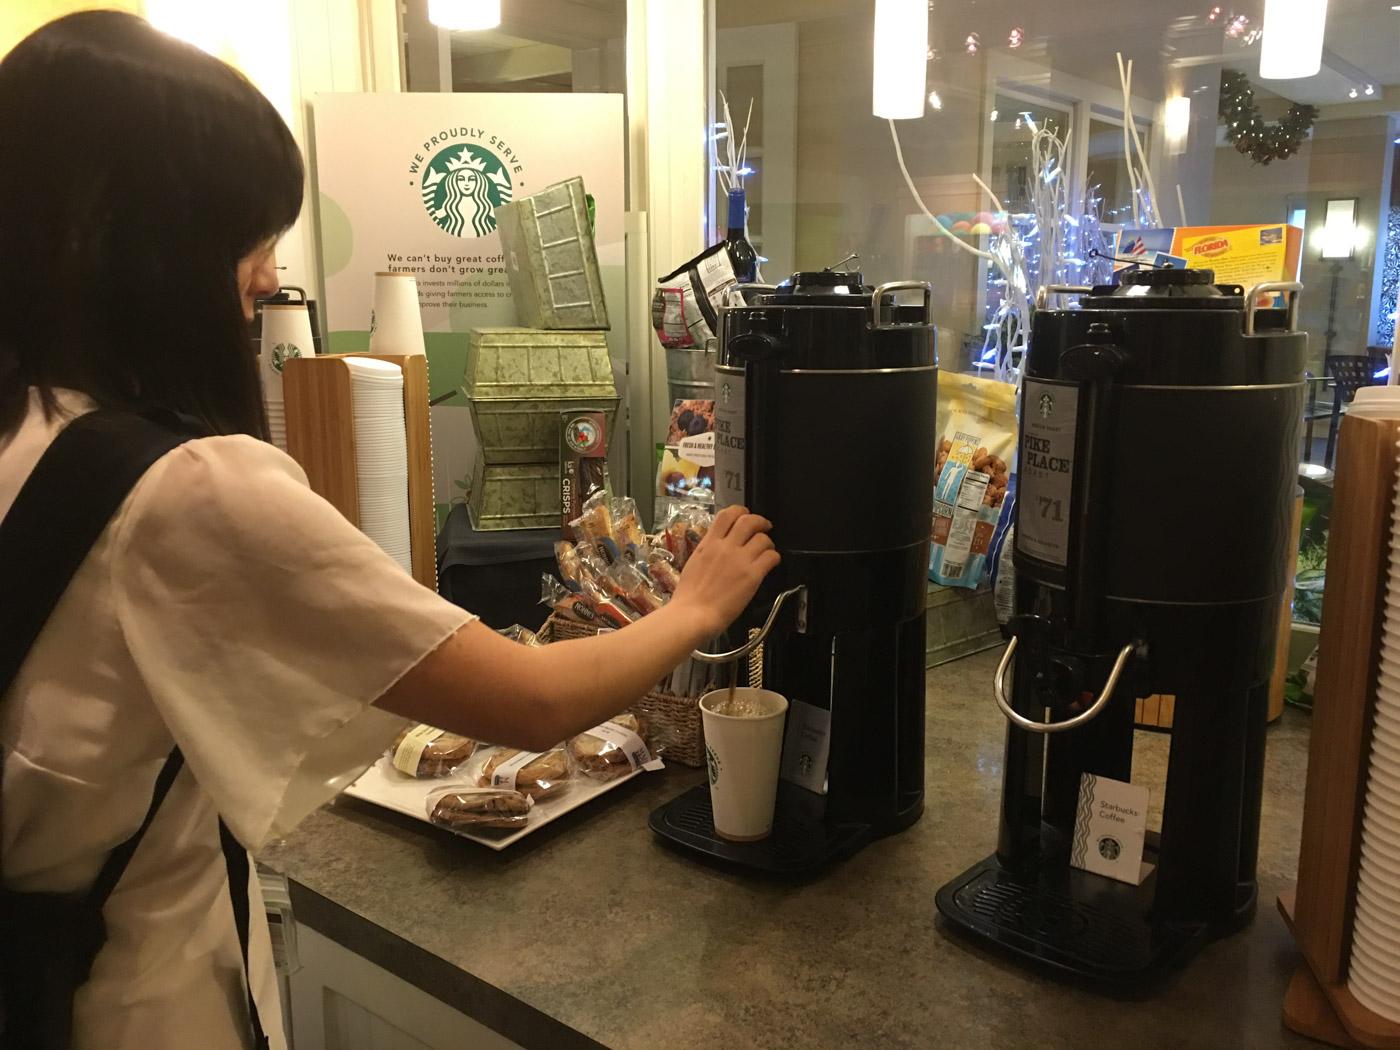 ヒルトン内のスタバコーヒー